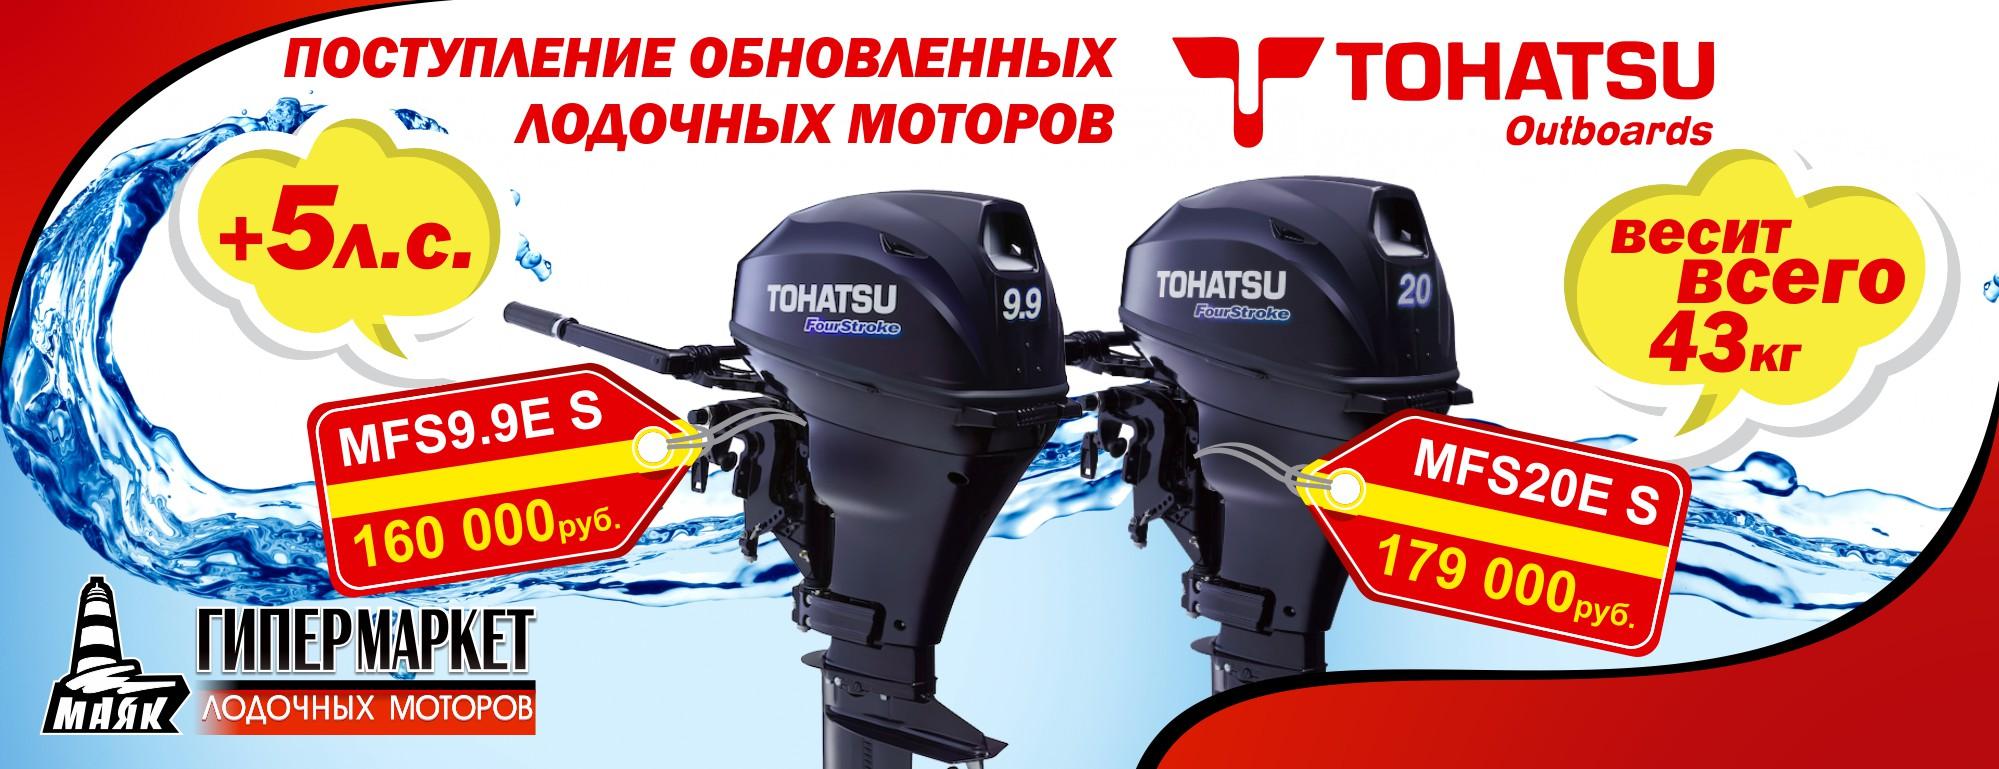 Новые лодочные моторы Tohatsu